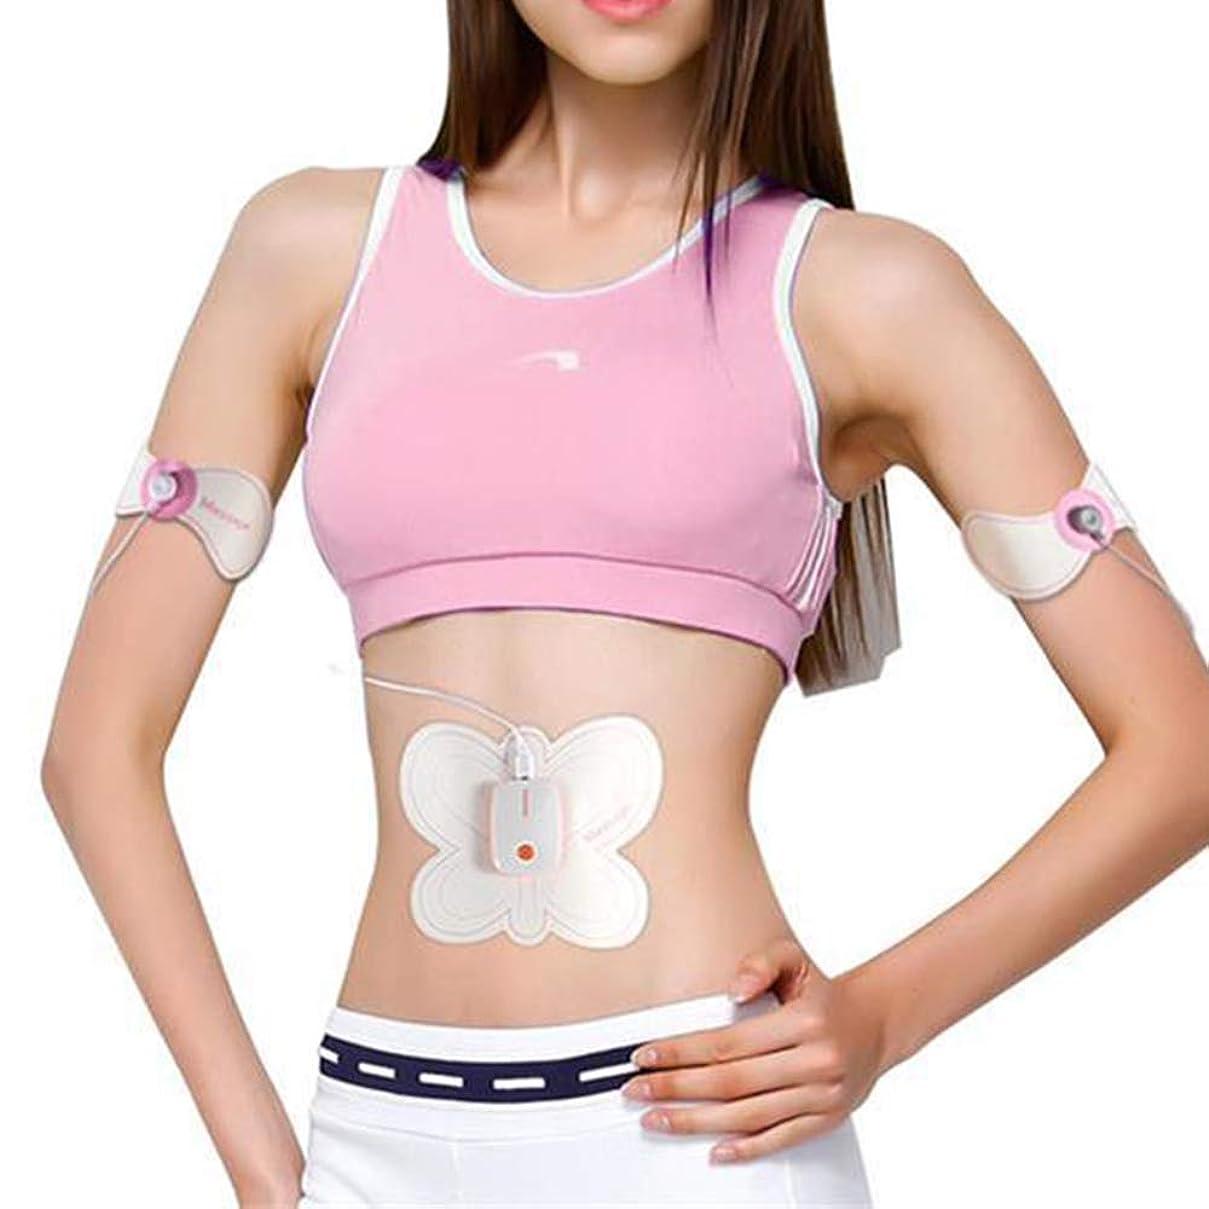 うぬぼれカウントアップ辞書究極の腹部刺激装置、 USB充電インテリジェントABS腹部トレーナー、 腕と脚の筋肉トレーニング刺激装置、 オフィスホームジムフィットネス機器